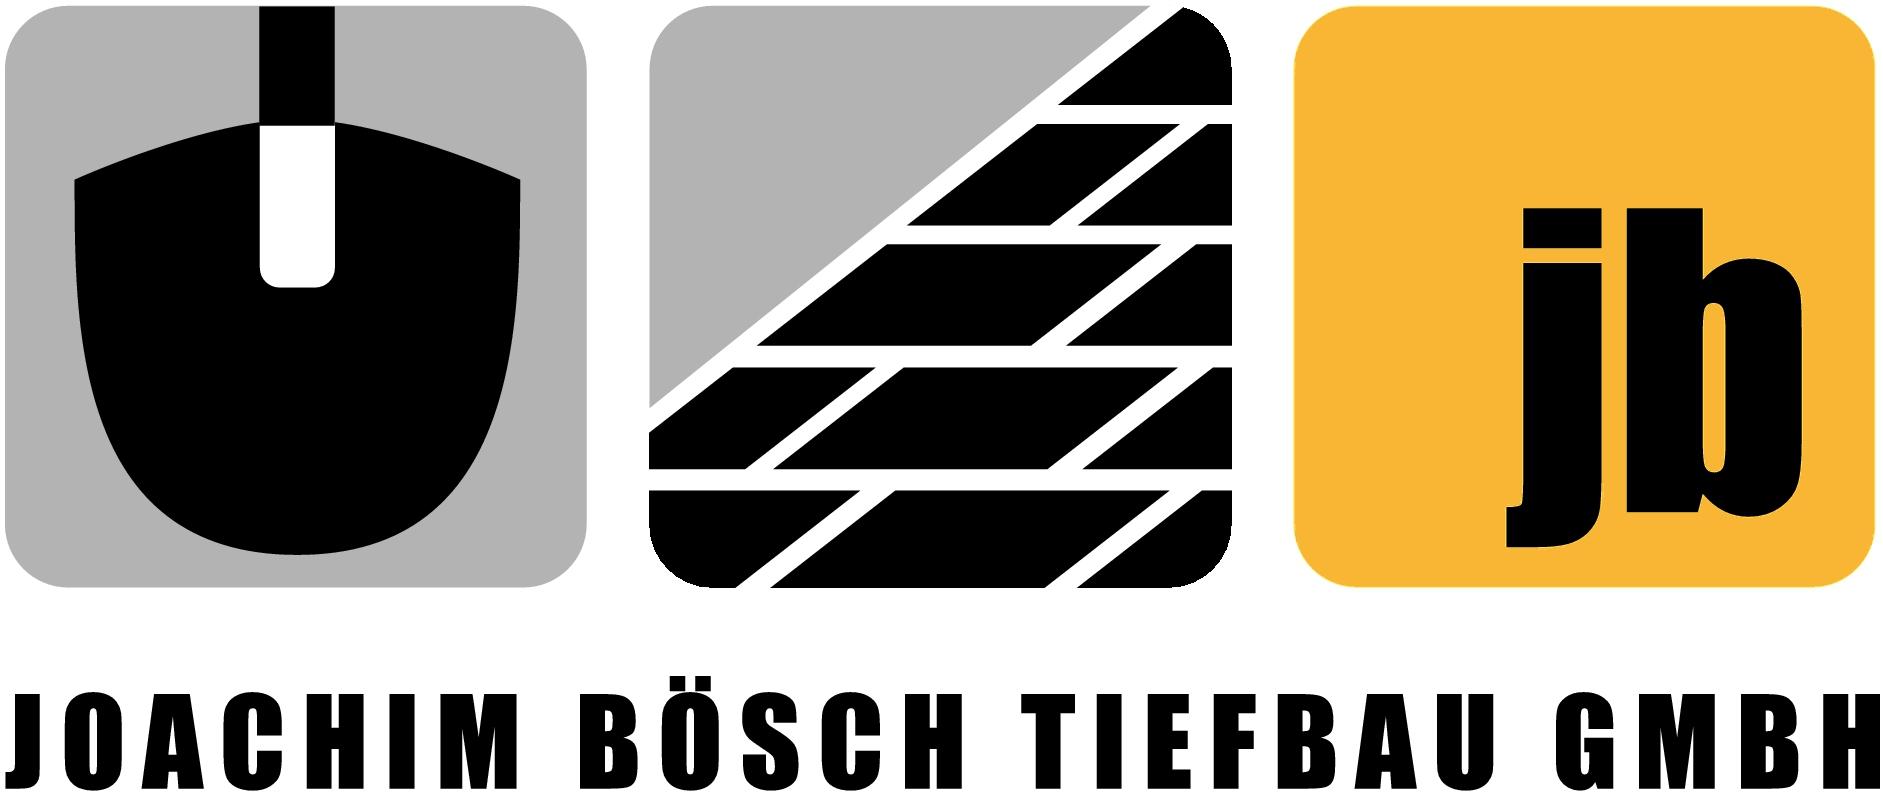 Joachim Bösch